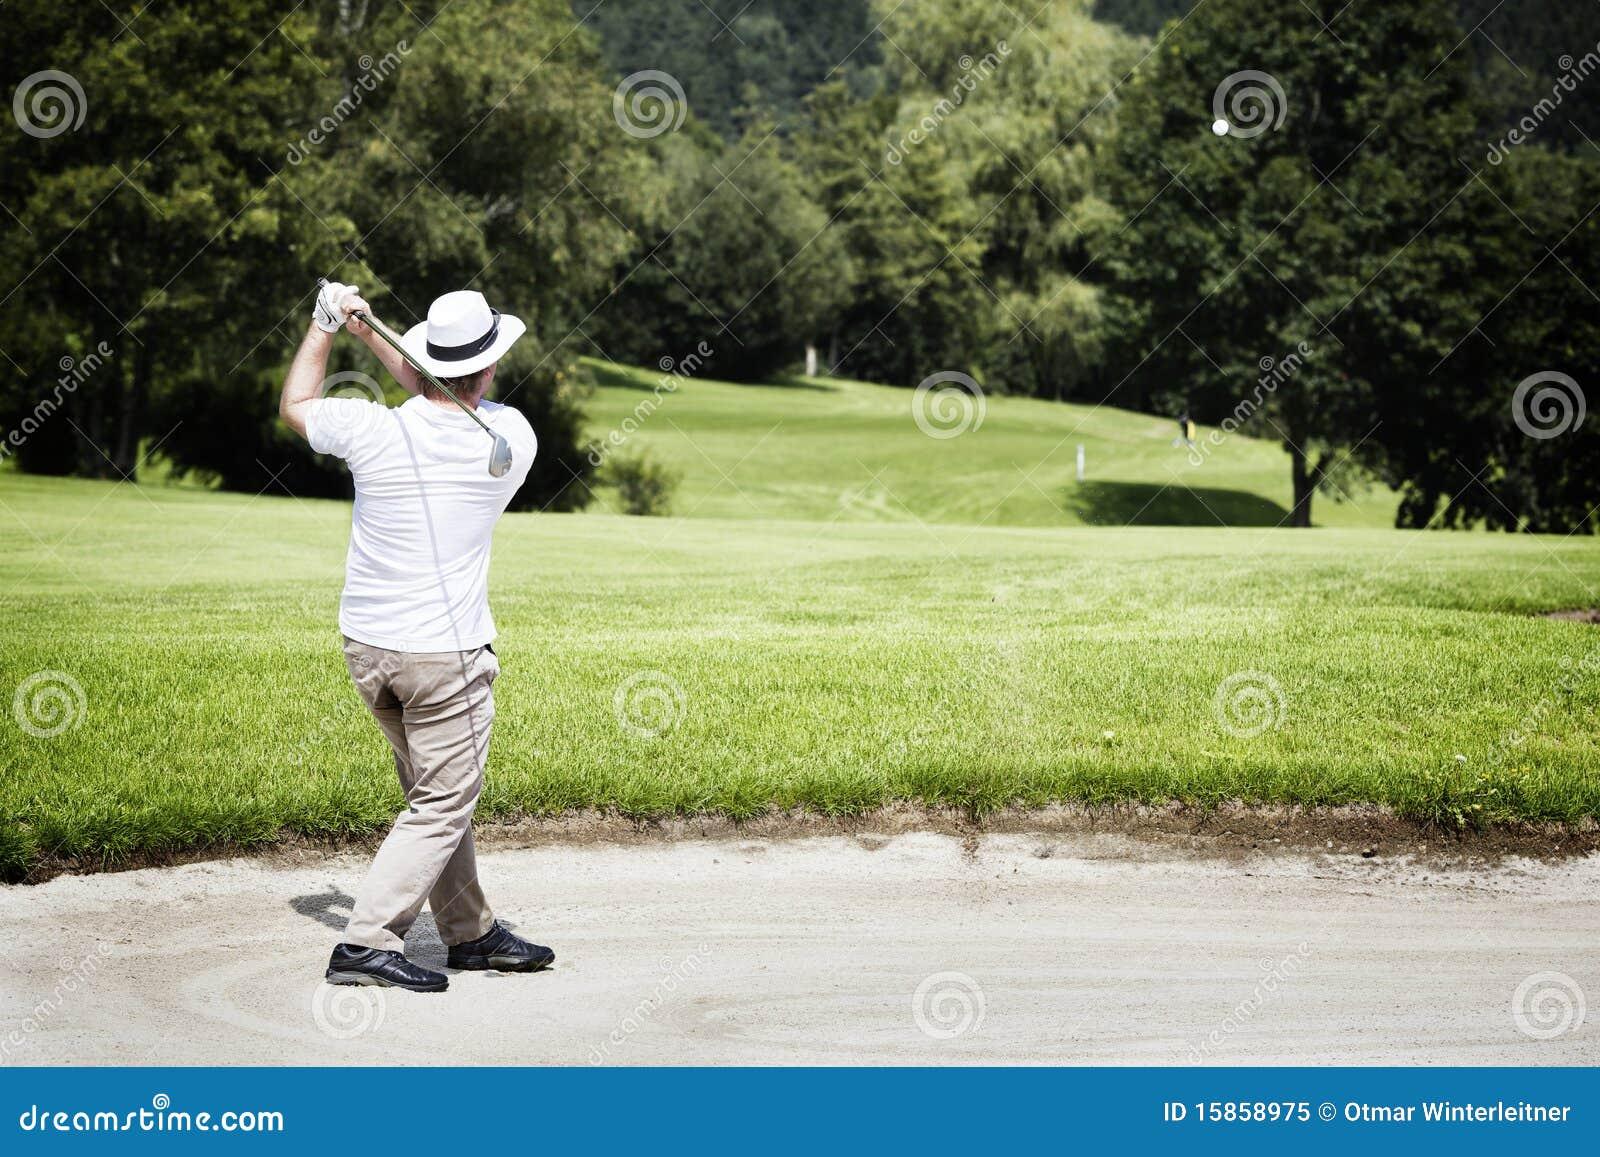 Golfista que salta en arcón.